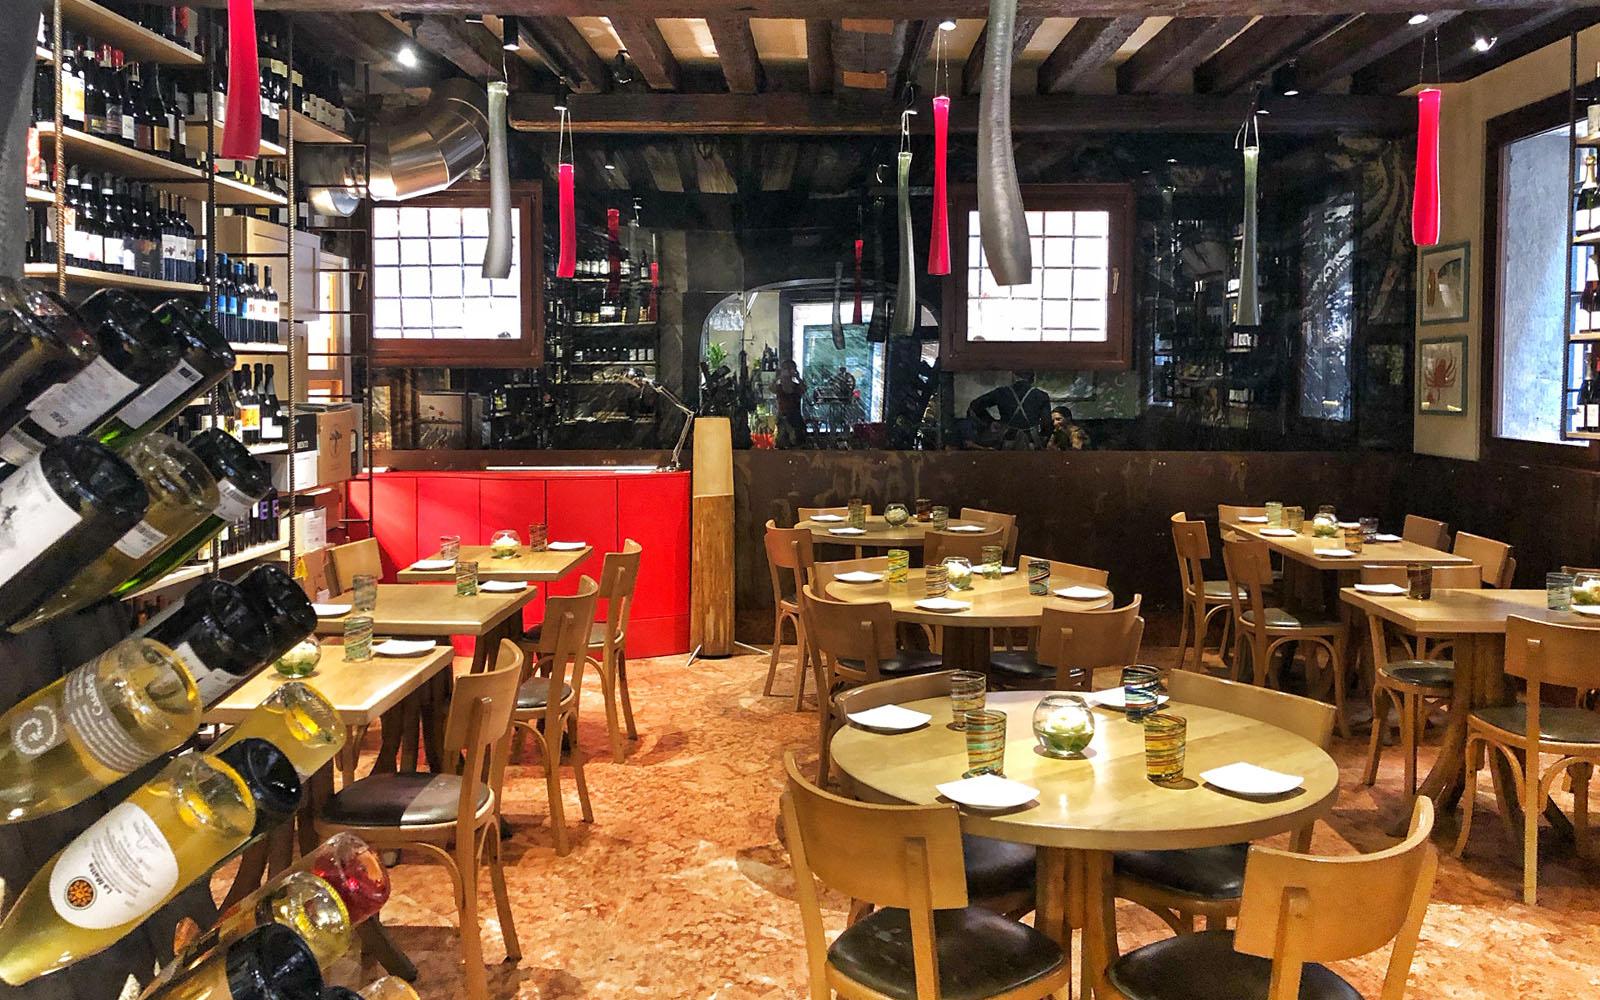 Il ristorante Estro, uno dei punti di riferimento dei vini naturali a Venezia.